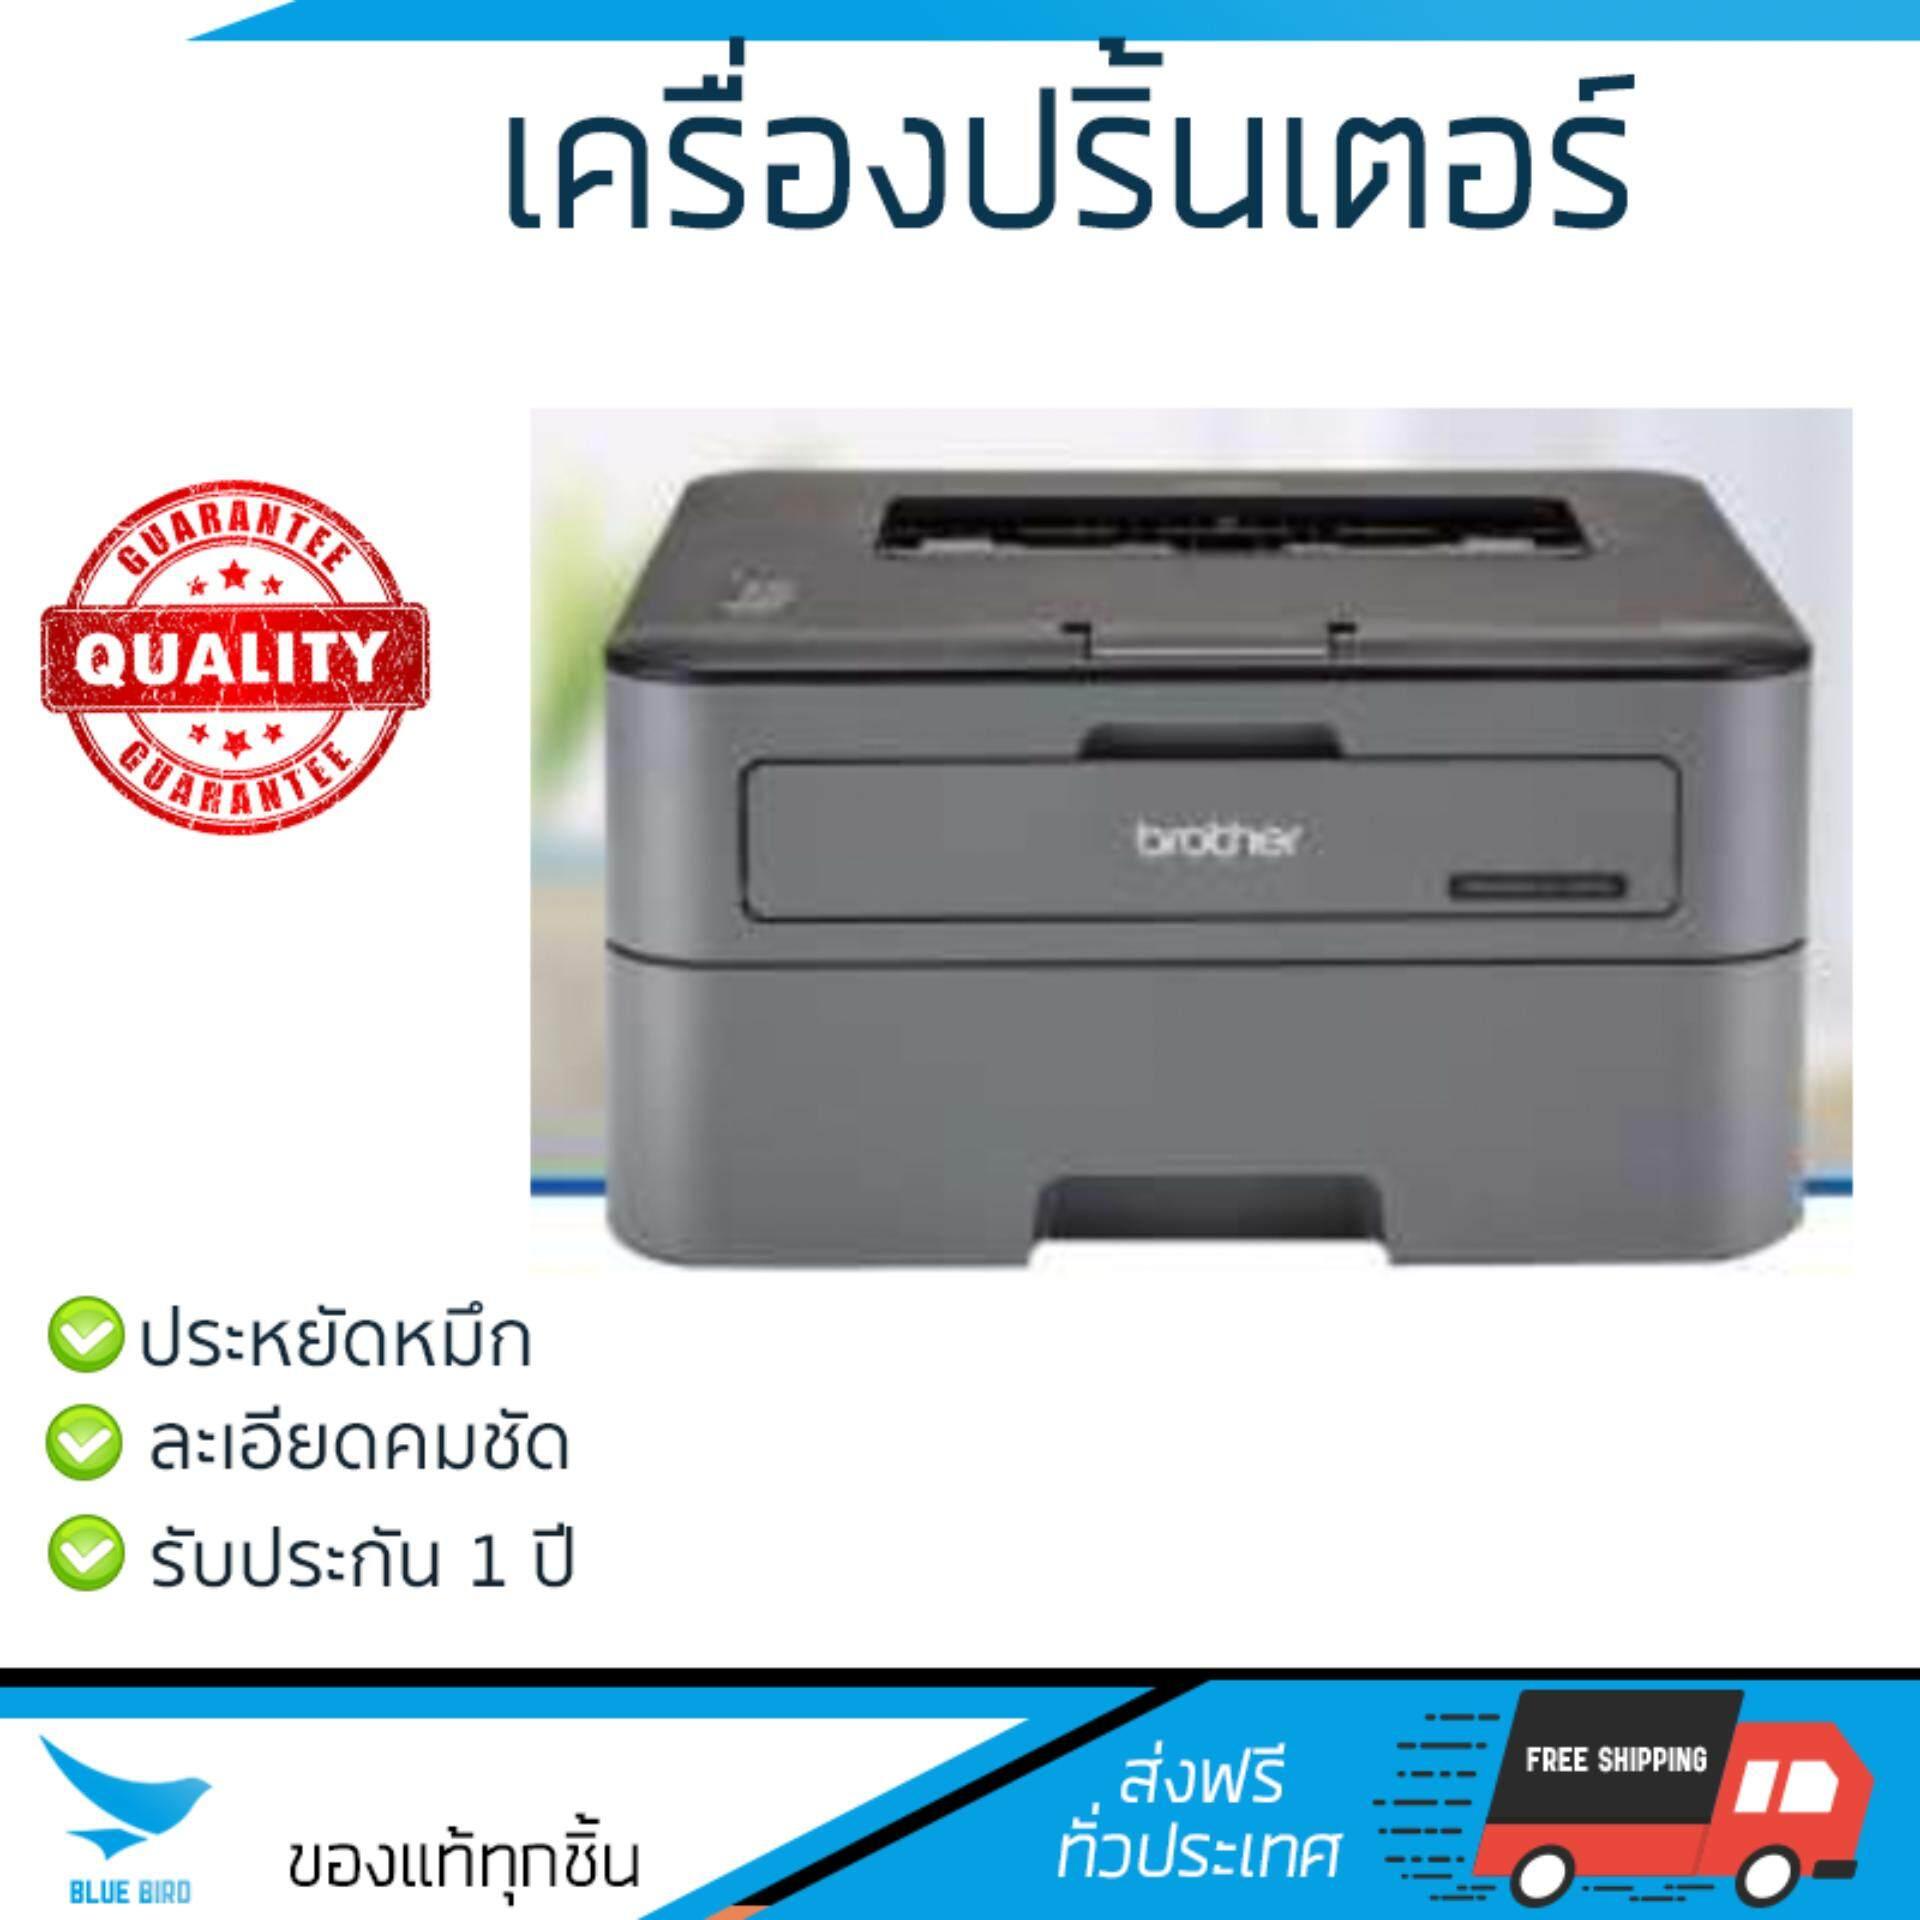 สุดยอดสินค้า!! โปรโมชัน เครื่องพิมพ์เลเซอร์           BROTHER ปริ้นเตอร์ Brother รุ่น LASER HL-L2320D             ความละเอียดสูง คมชัด พิมพ์ได้รวดเร็ว เครื่องปริ้น เครื่องปริ้นท์ Laser Printer รับประก